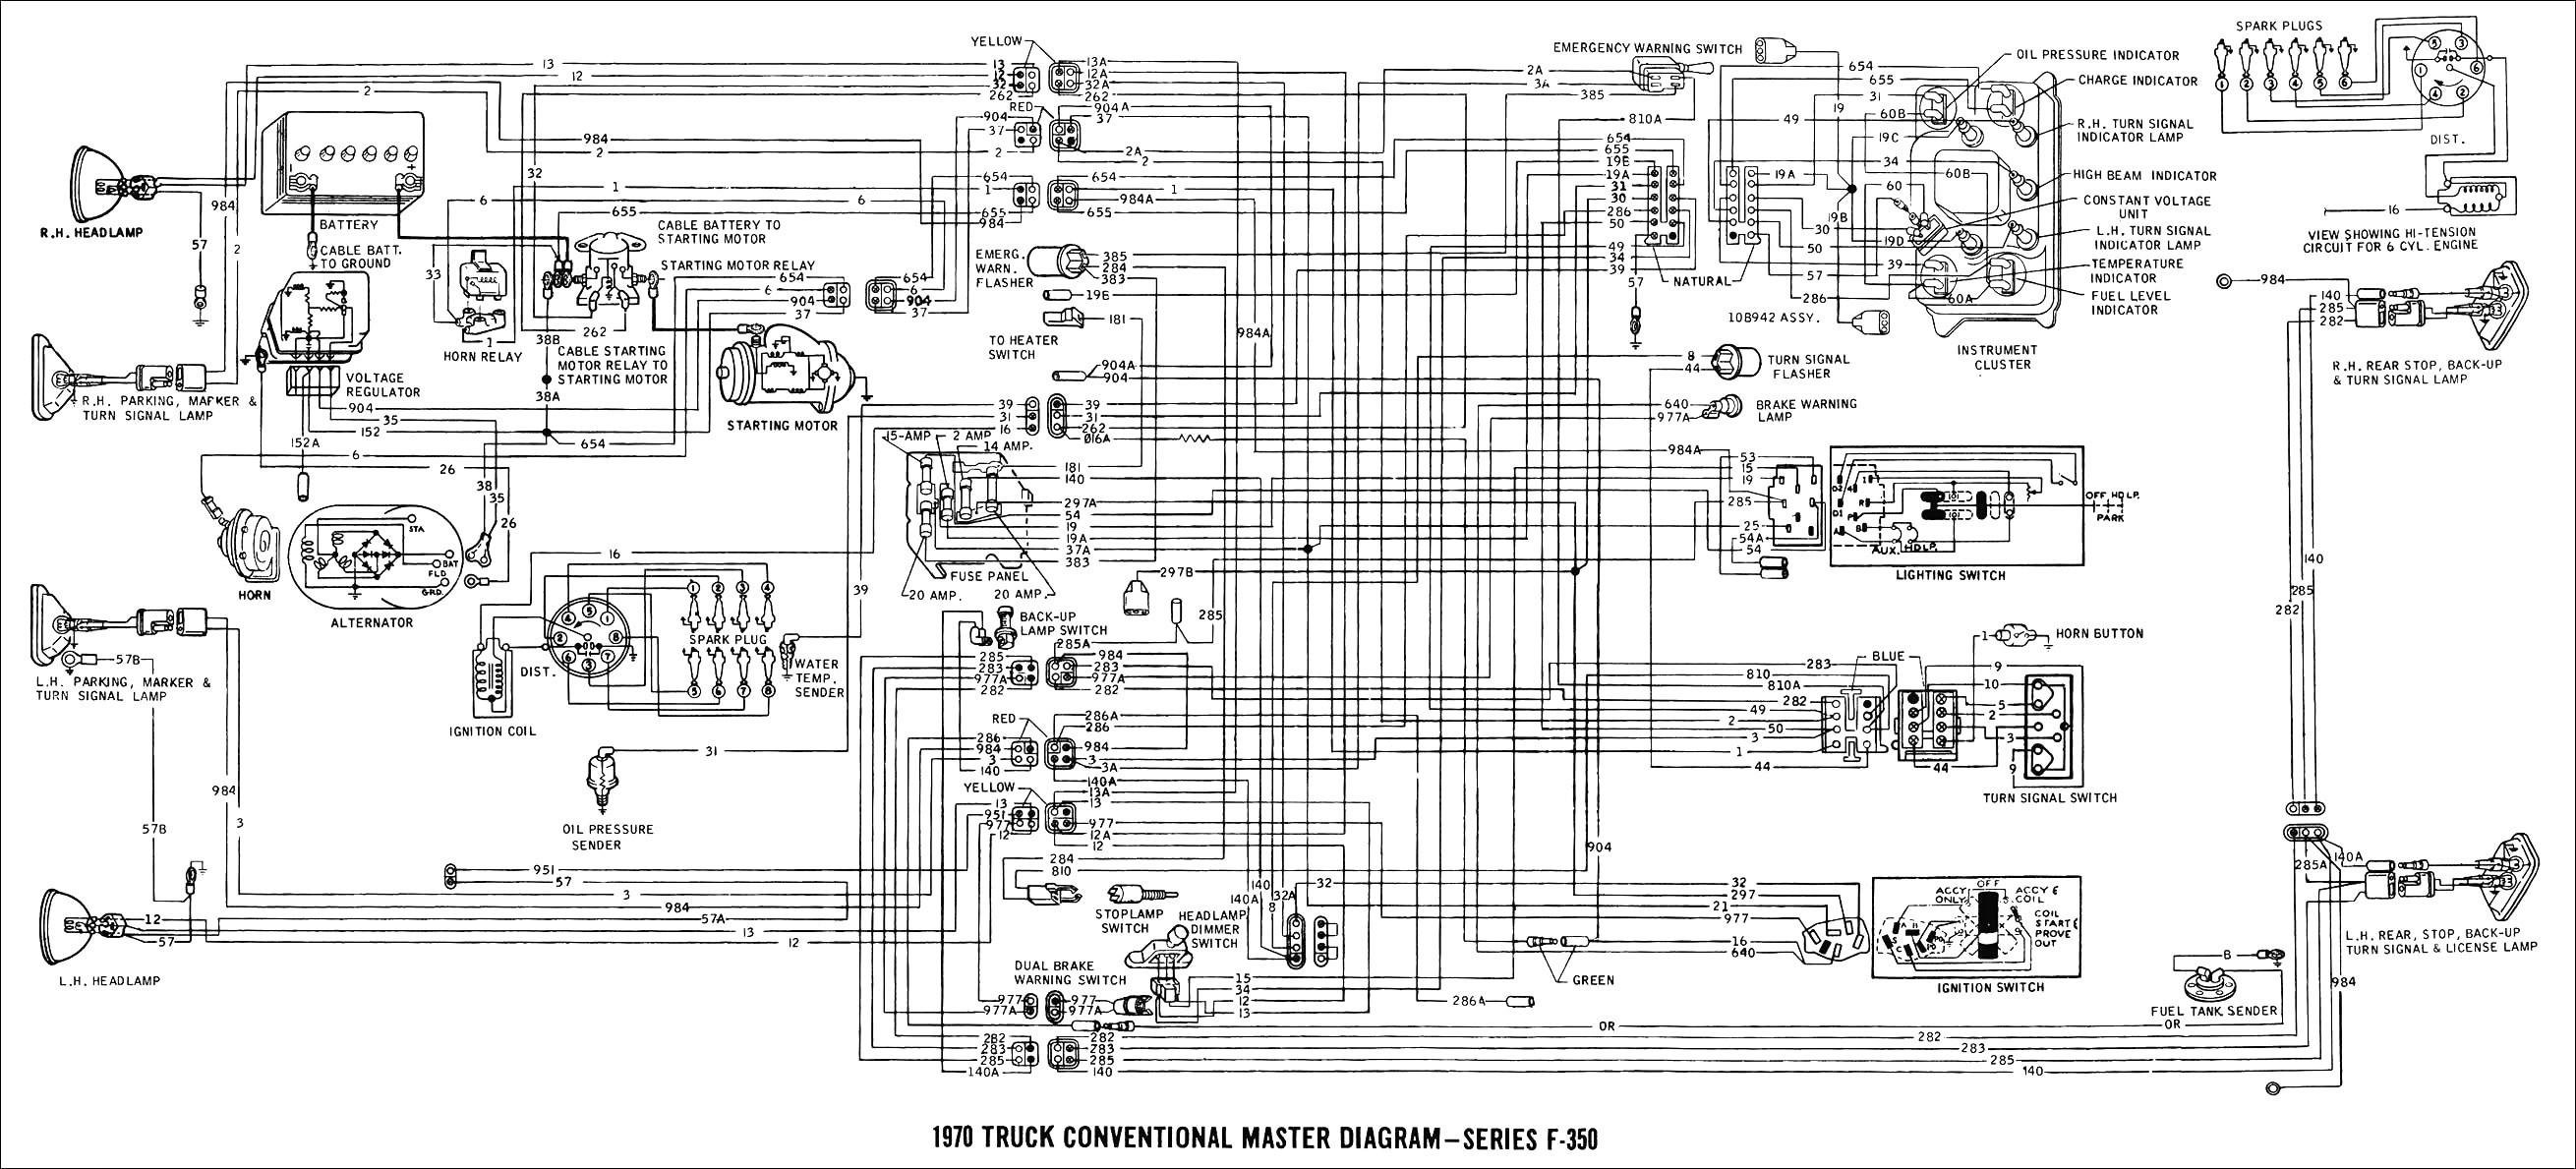 1995 ford Ranger Rear Brake assembly Diagram 2001 ford Ranger Starter Wiring Diagram Inspirational 1999 ford Of 1995 ford Ranger Rear Brake assembly Diagram